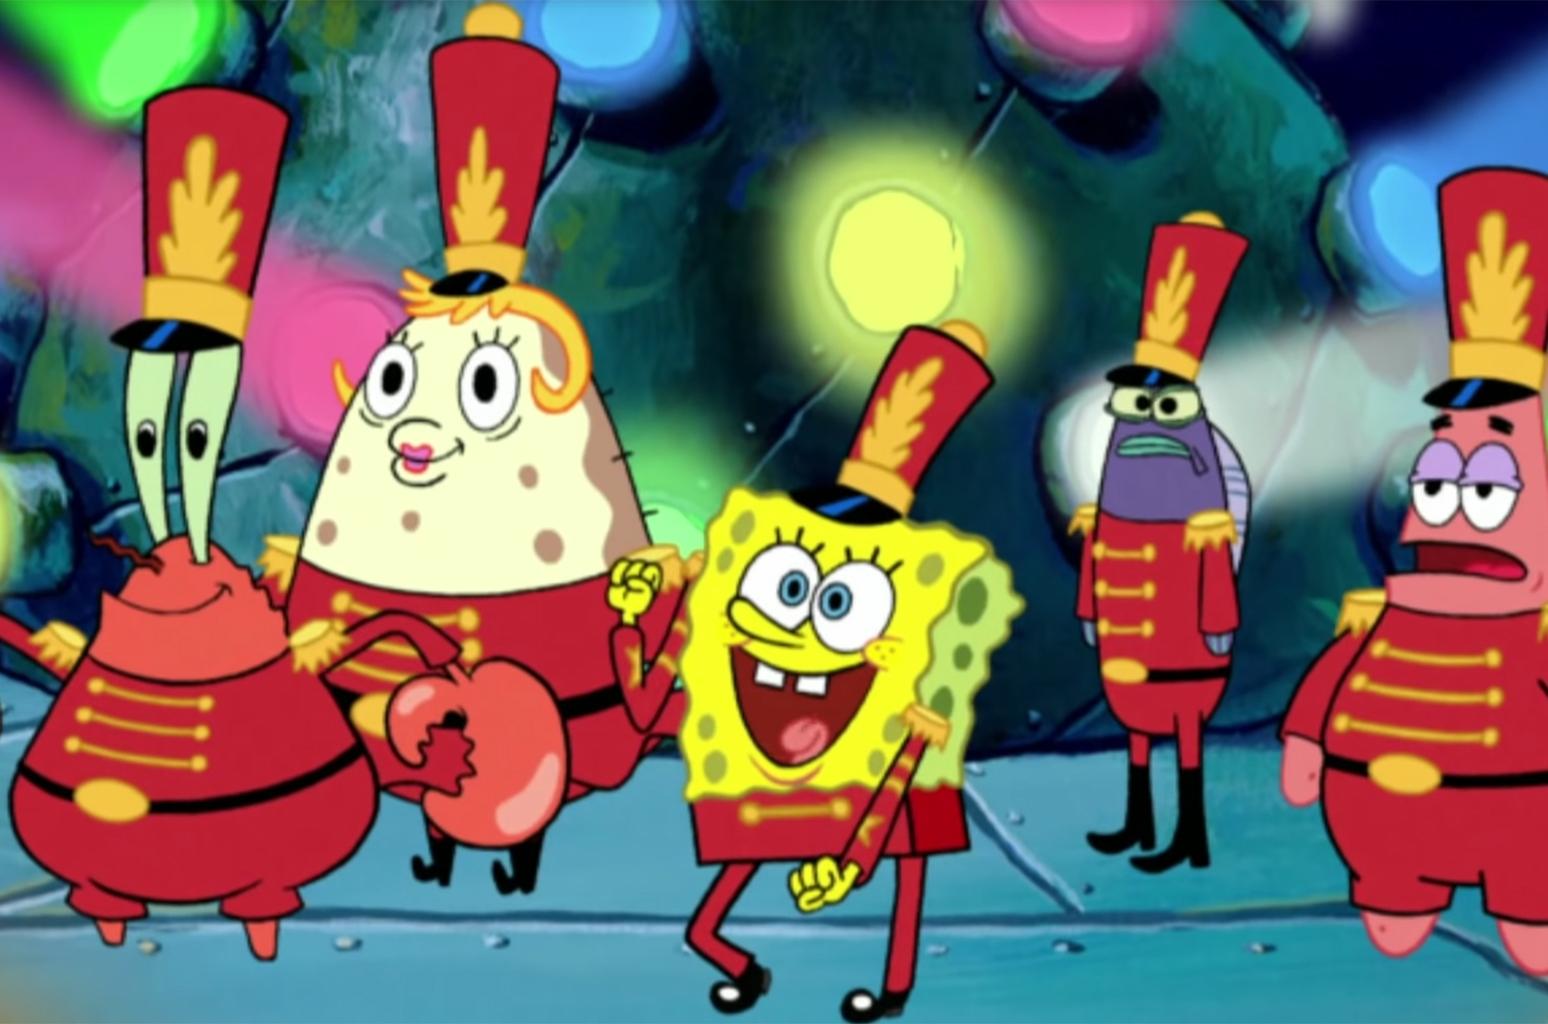 Spongebob Squarepants' 'sweet Victory' Jumps 566% In Streams with regard to Spongebob Squarepants Sweet Victory